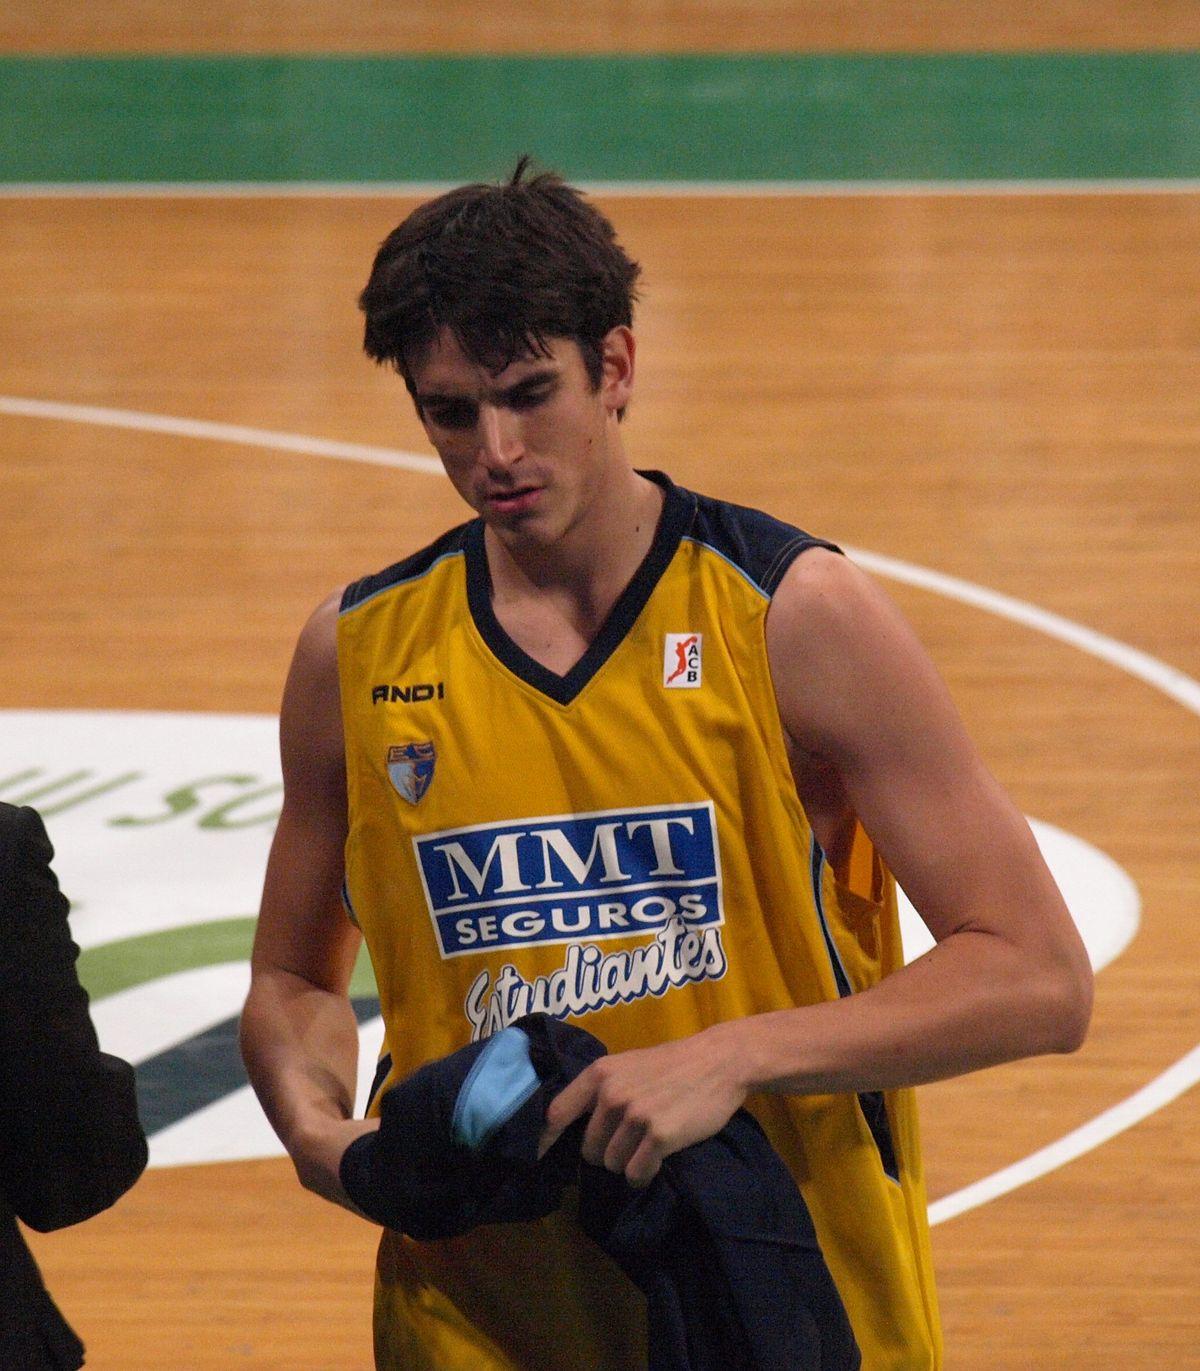 Carlos Suárez (Basketballspieler) – Wikipedia